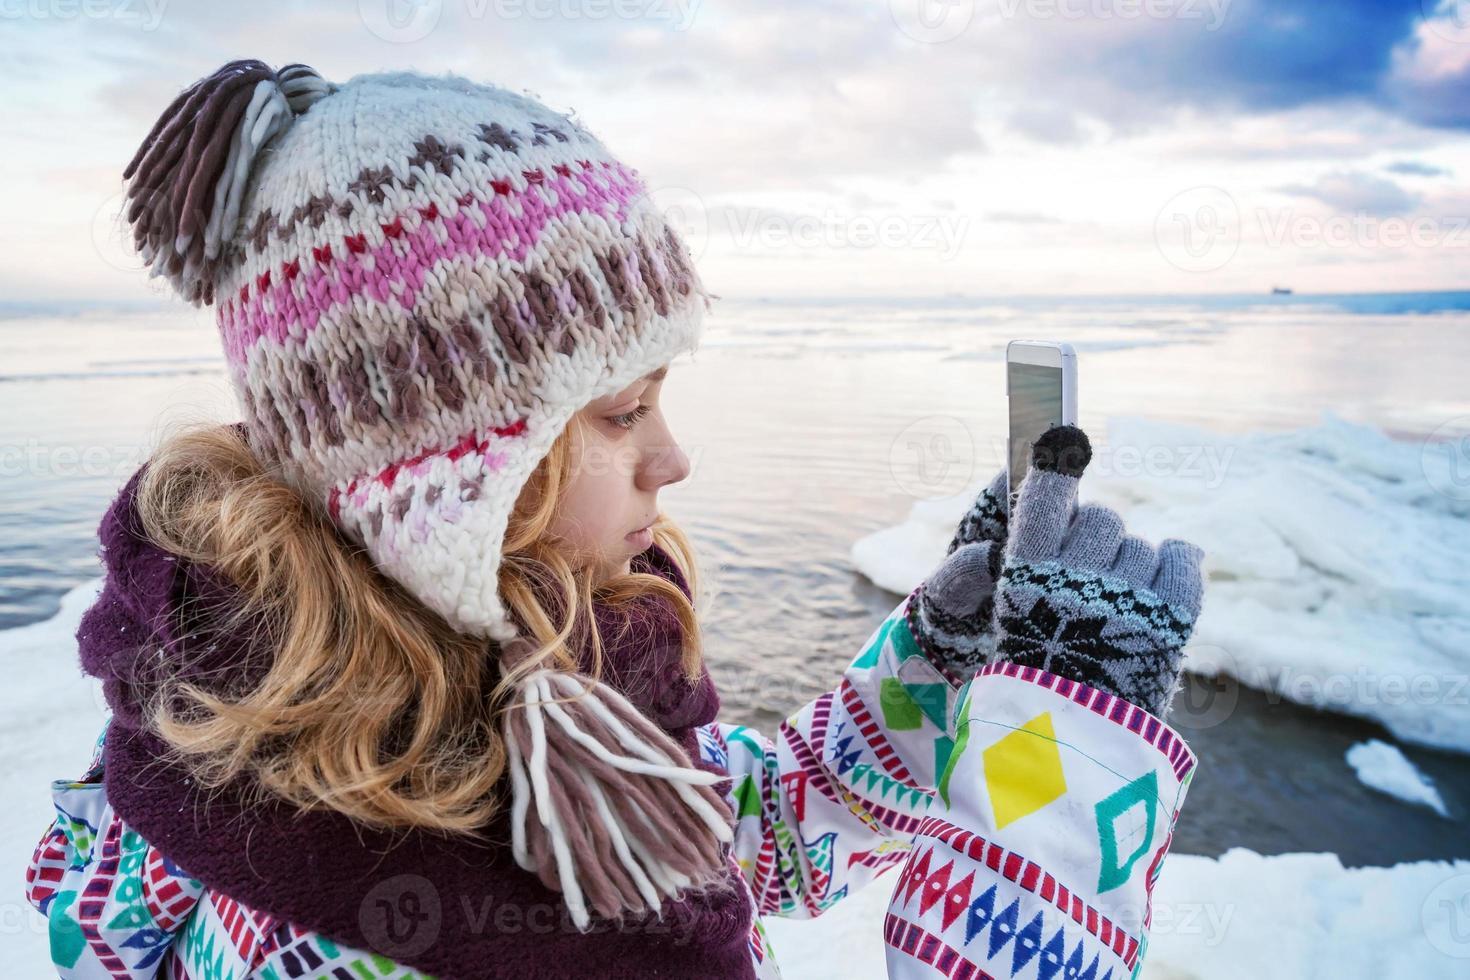 petite fille blonde caucasienne, prendre des photos sur son smartphone